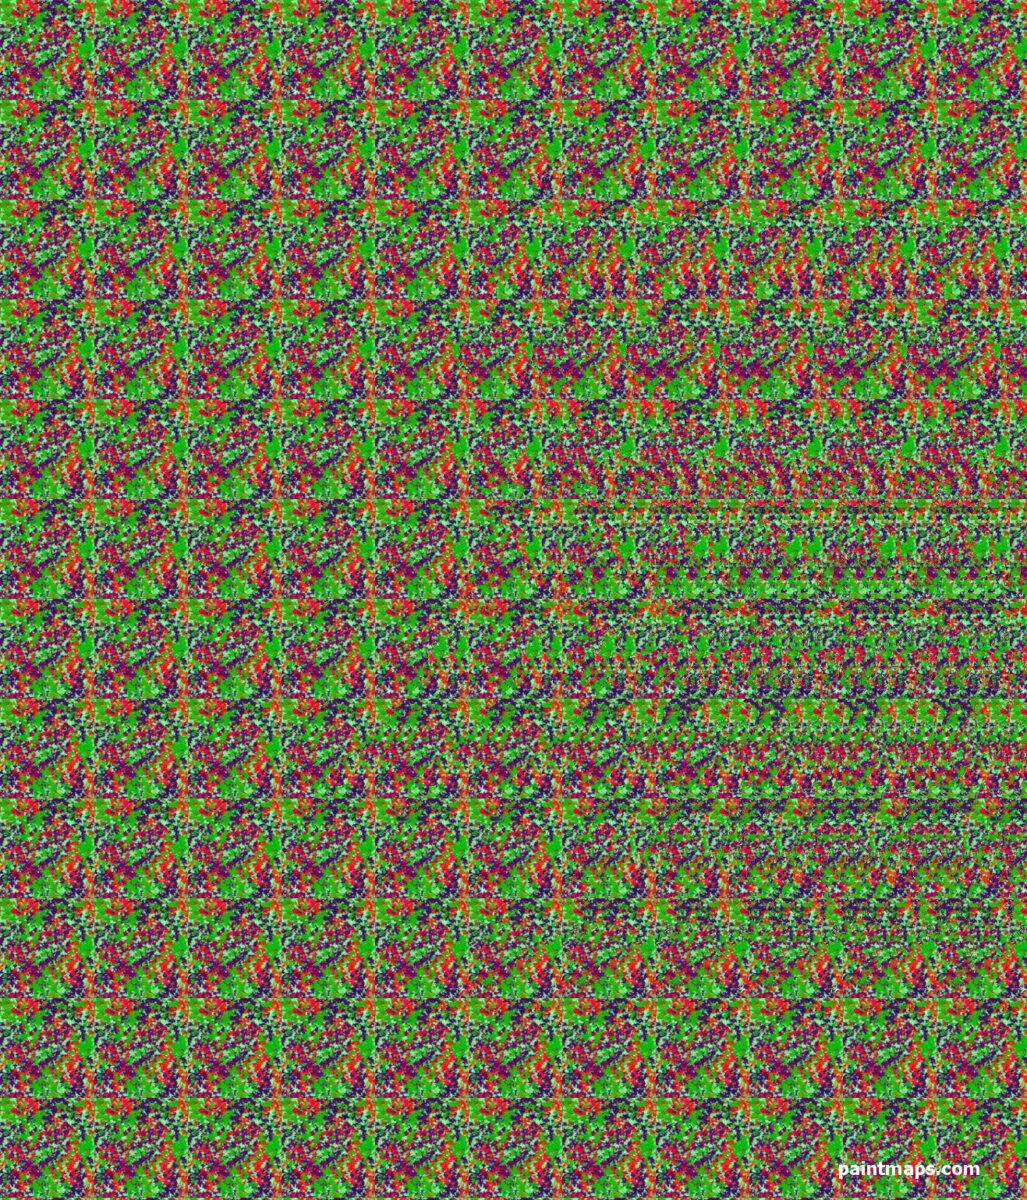 stereogrammi-3d-hd-animati-24